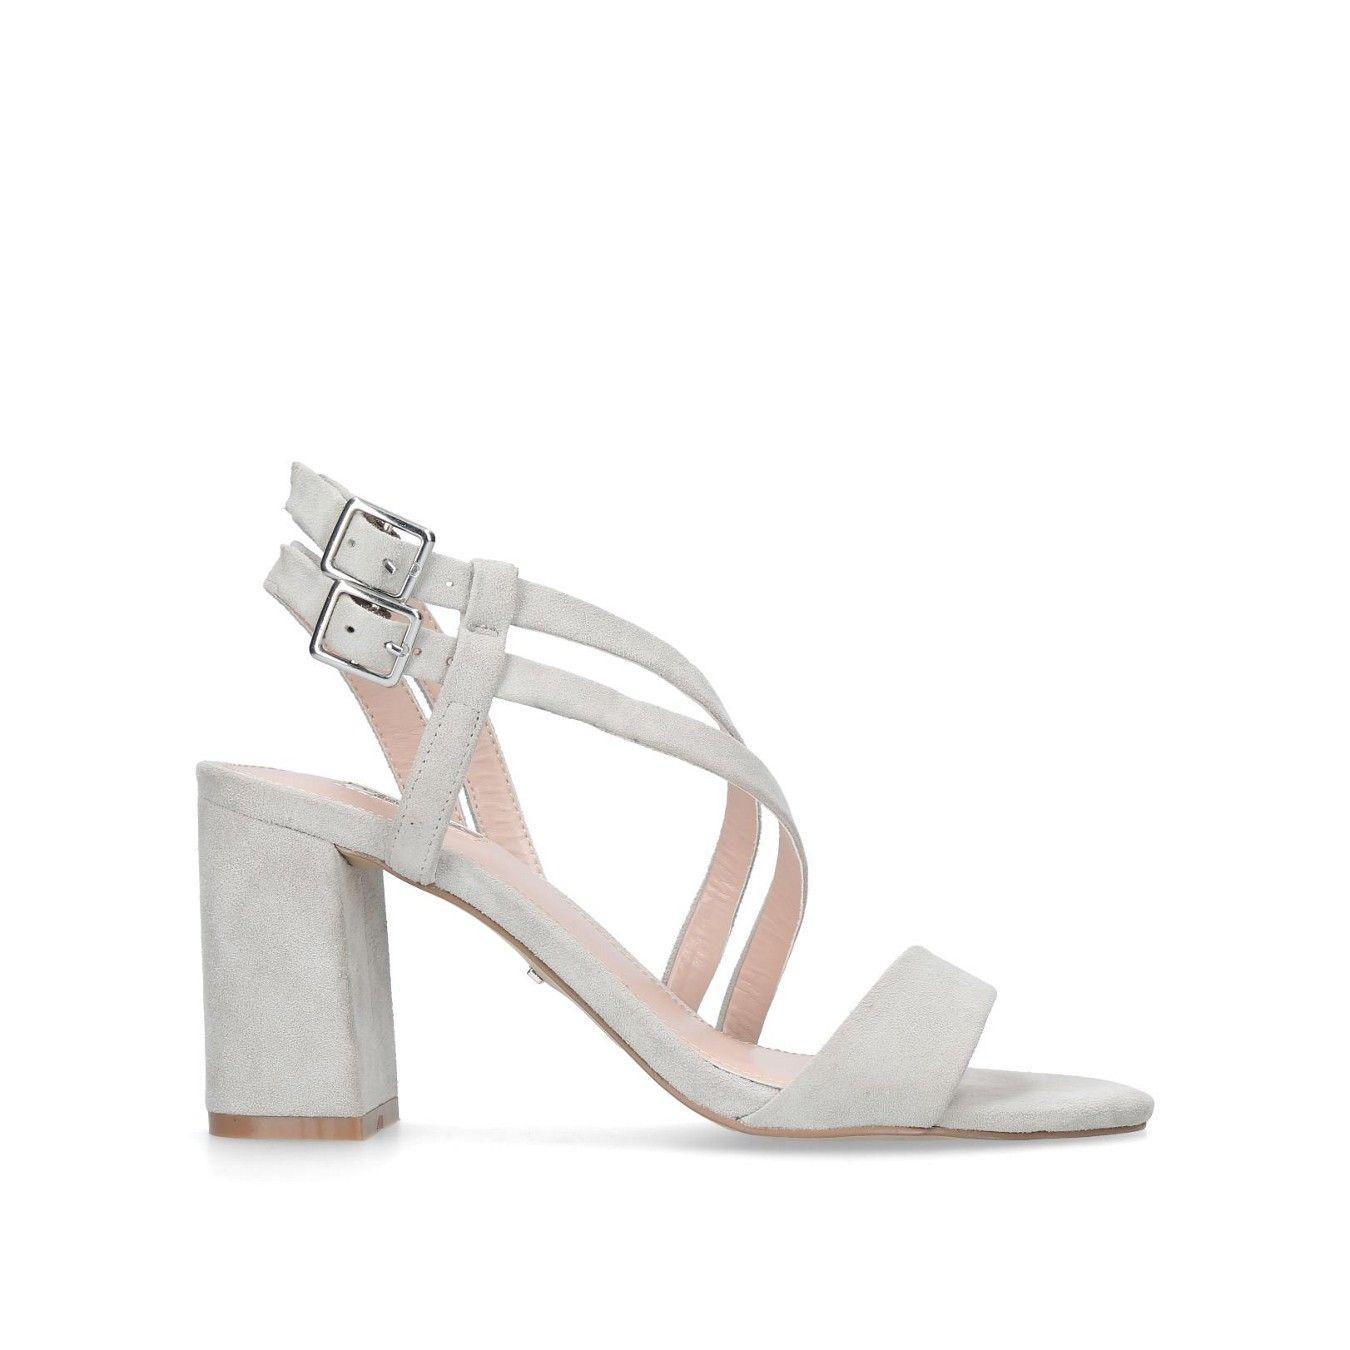 Grey 'Group' mid heel sandals | Sandals